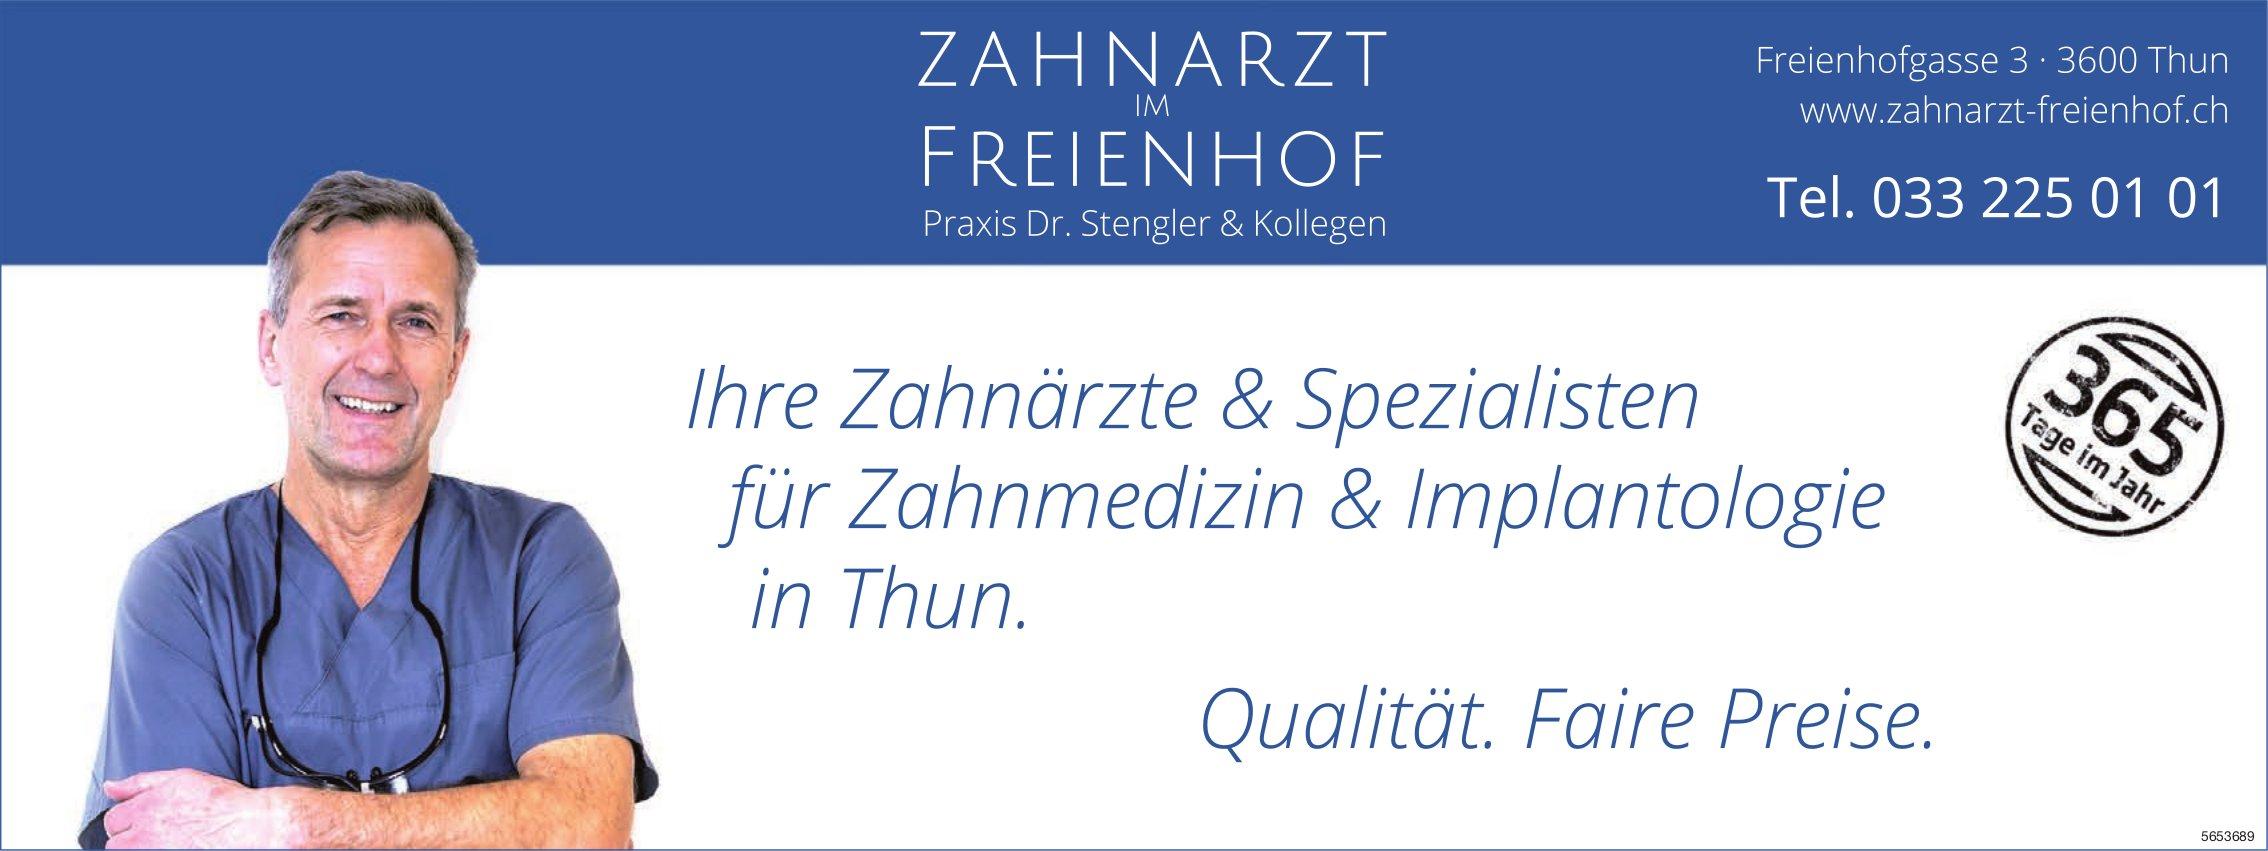 Zahnarzt im Freienhof, Thun - Ihre Zahnärzte & Spezialisten für Zahnmedizin & Implantologie